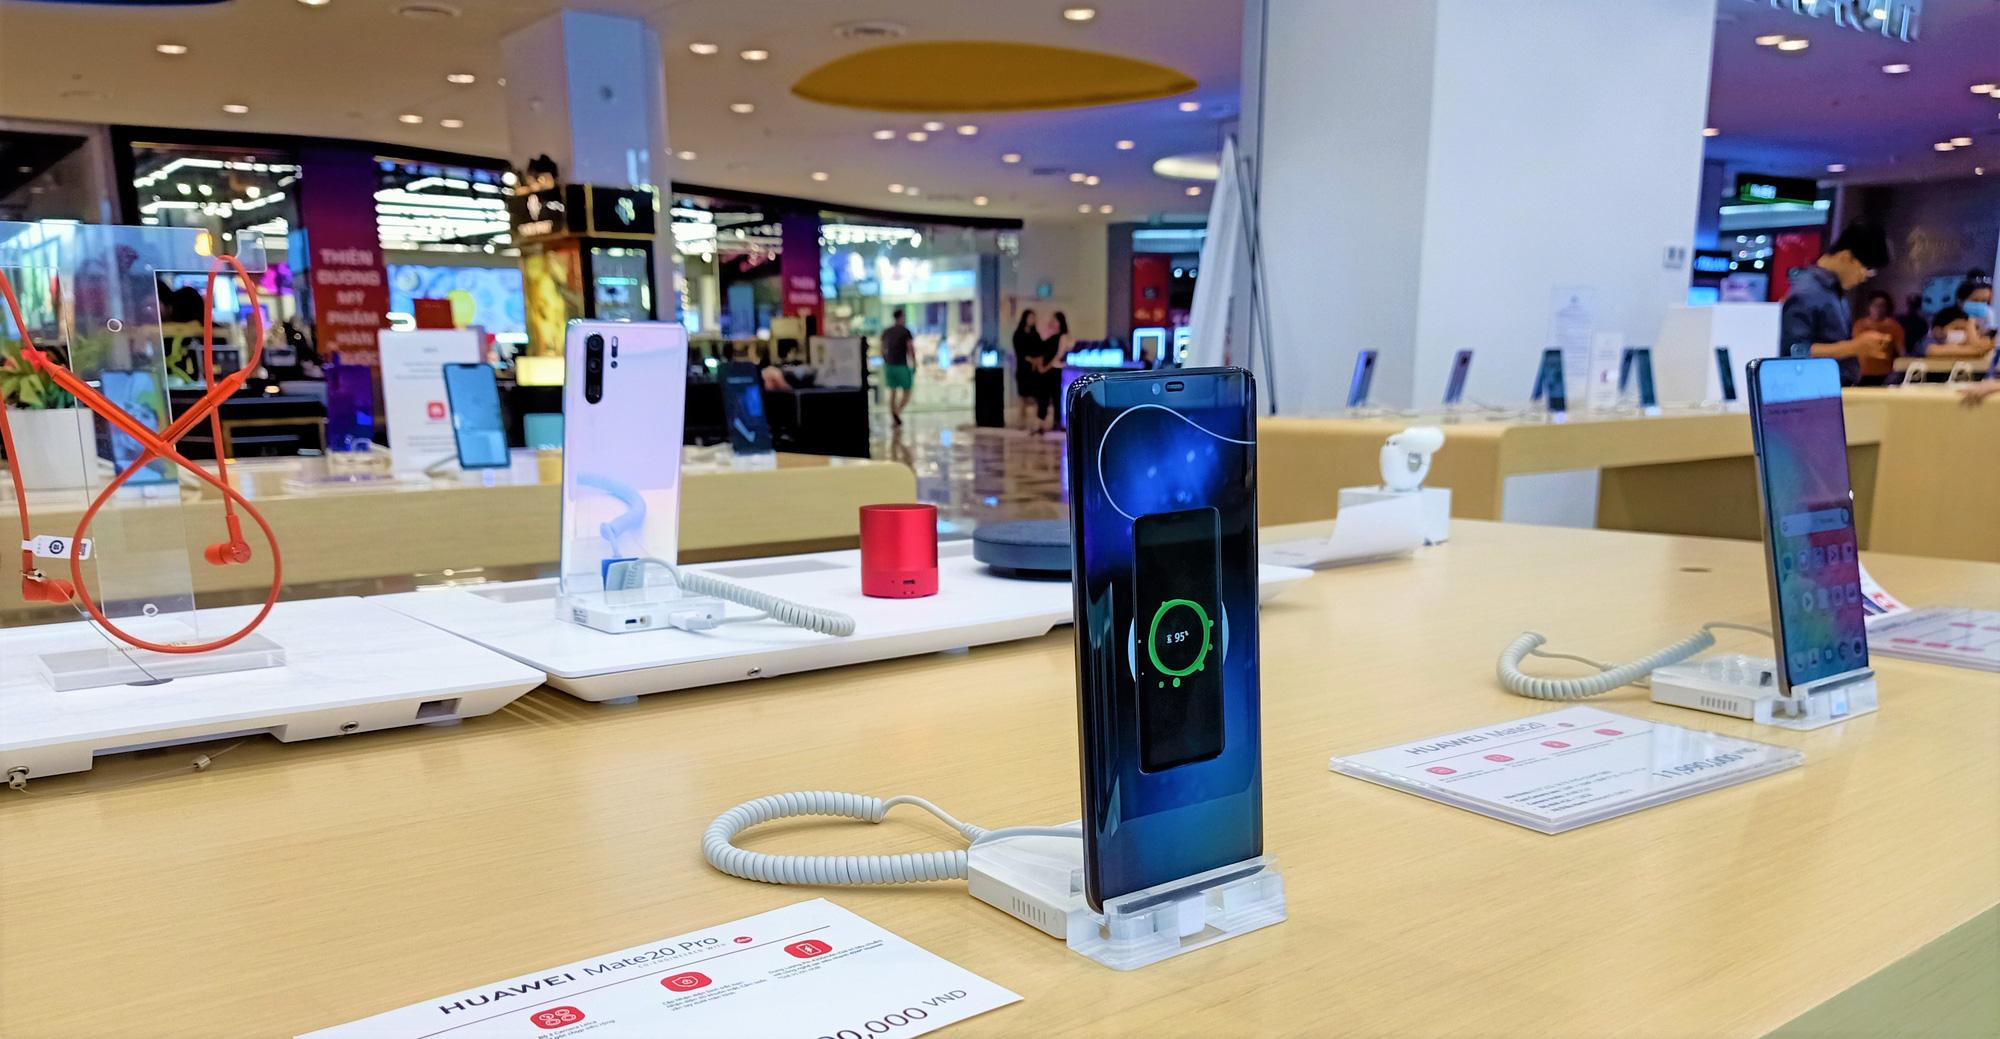 Điện thoại giảm giá tuần này: Giá iPhone chính hãng lẫn xách tay đều biến động nhẹ - Ảnh 3.